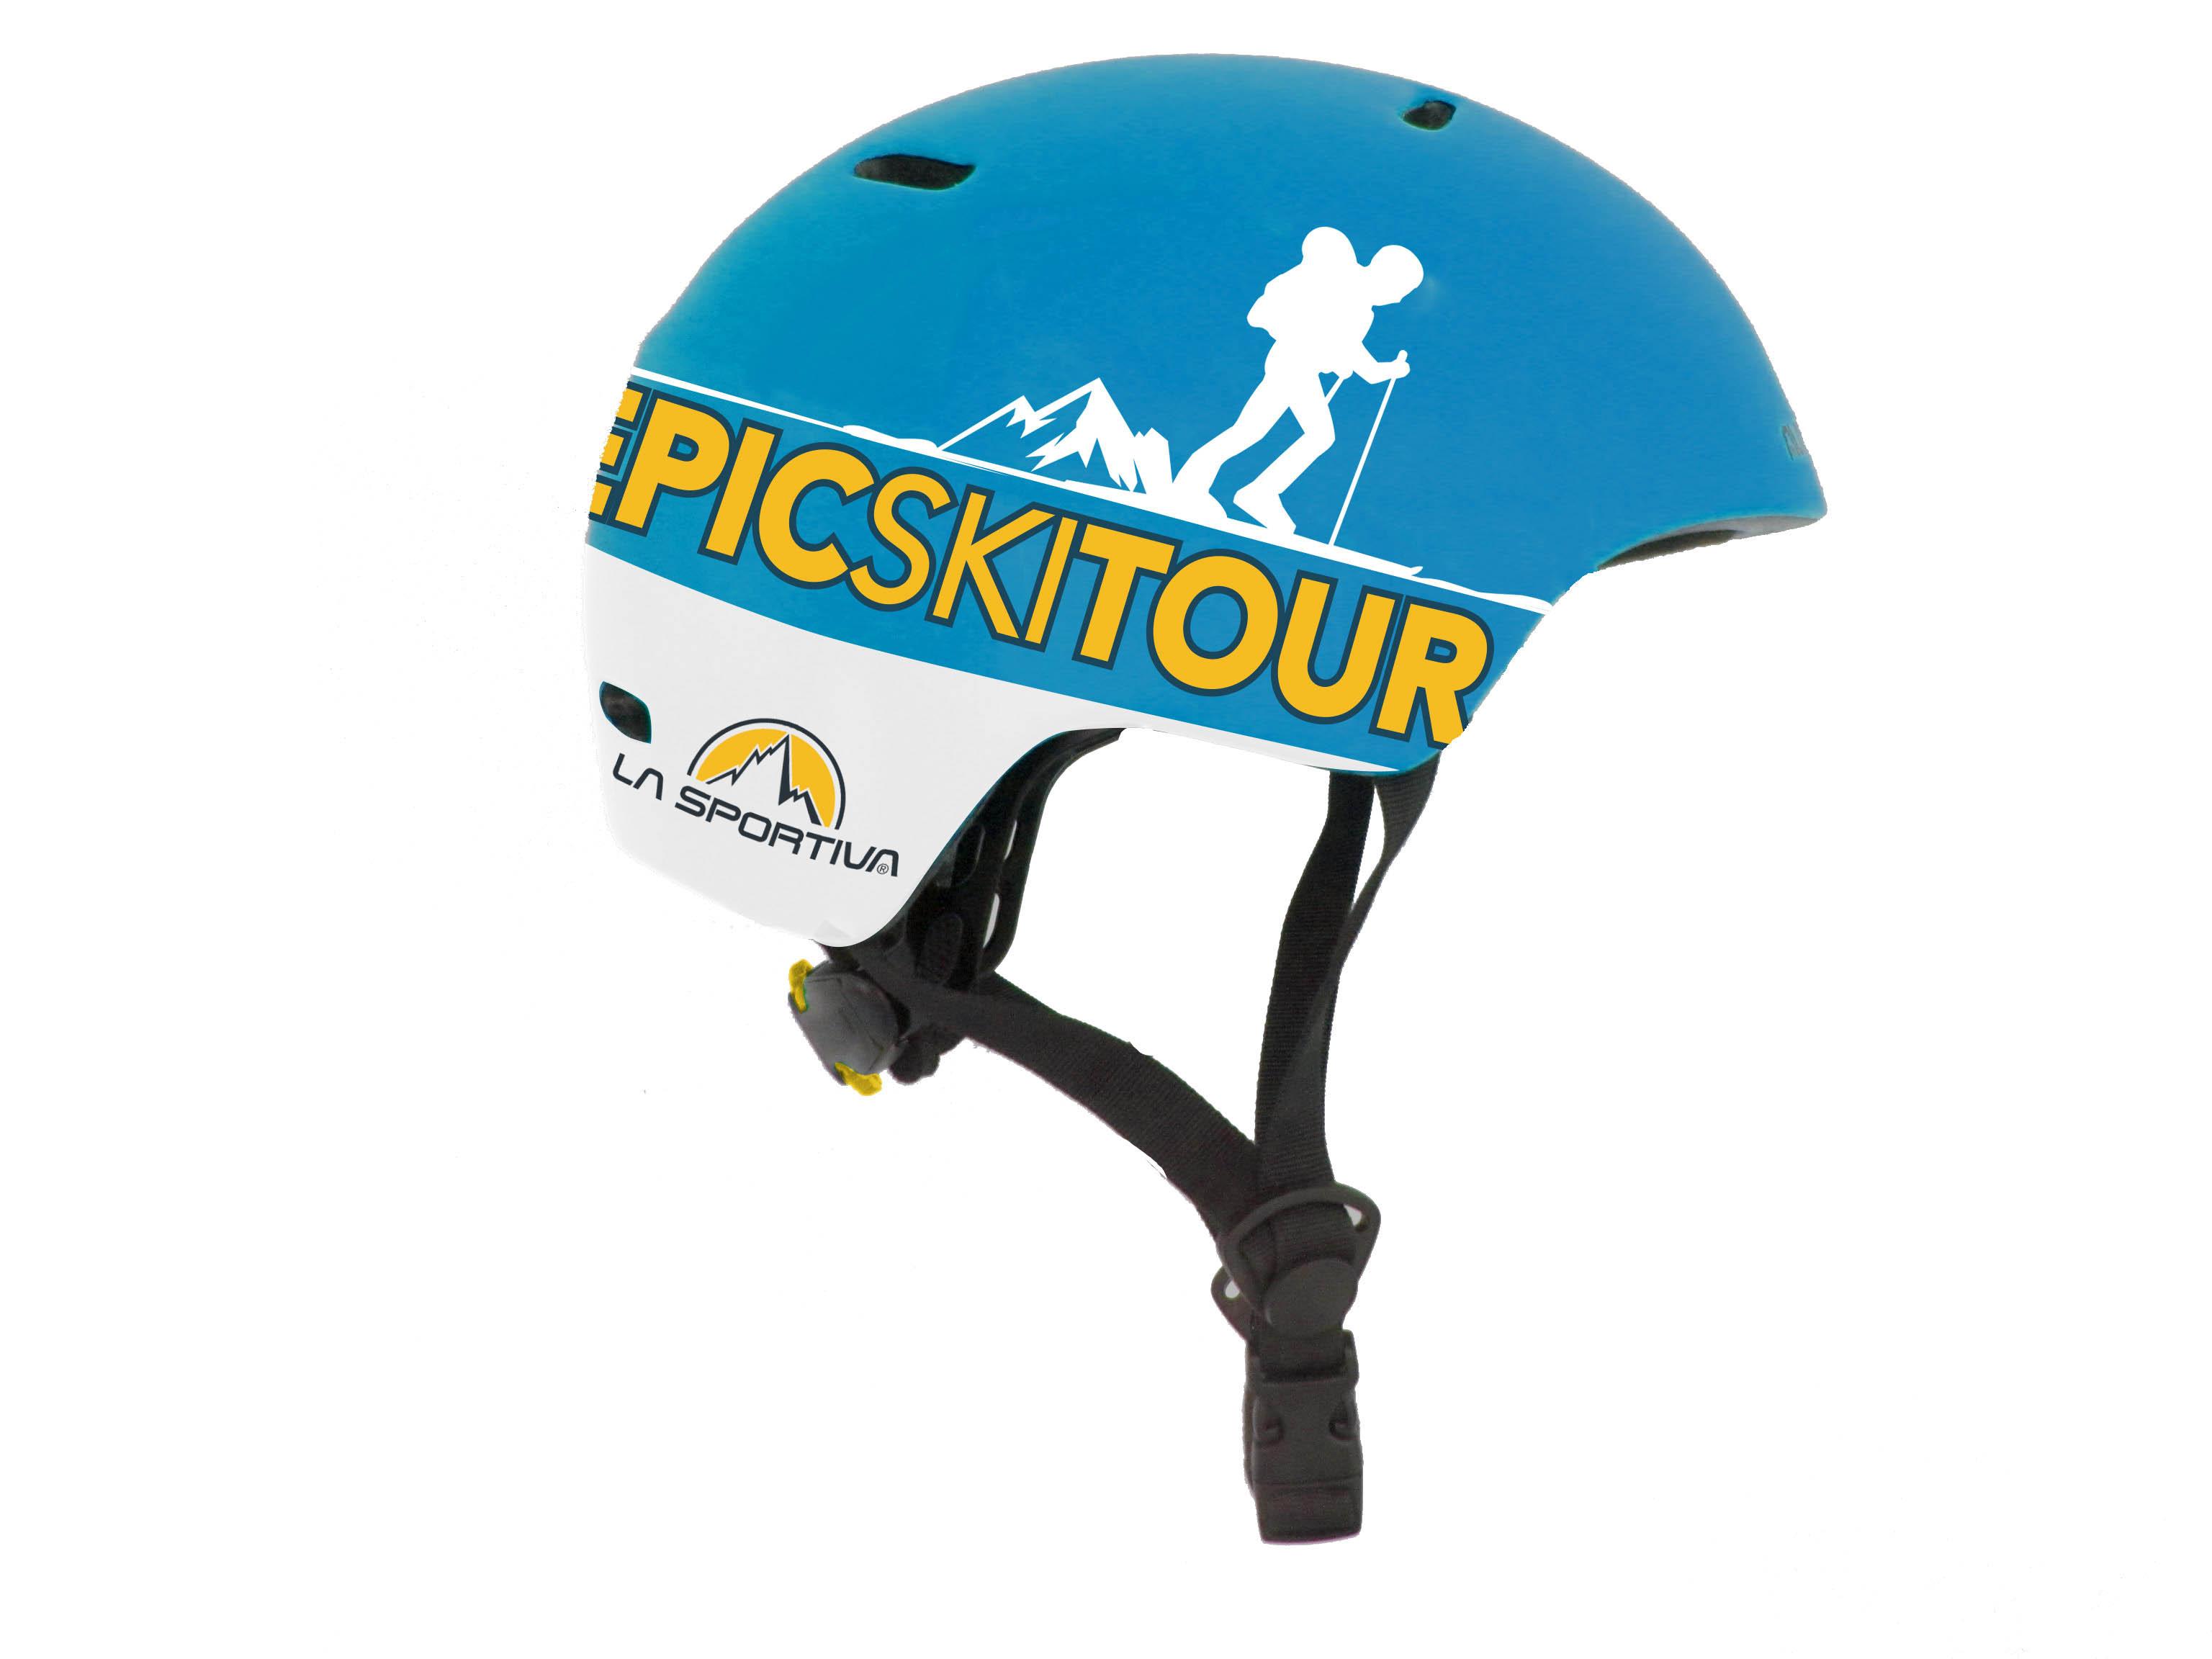 Casco Combo La Sportiva, edizione speciale Epic Ski Tour 2017